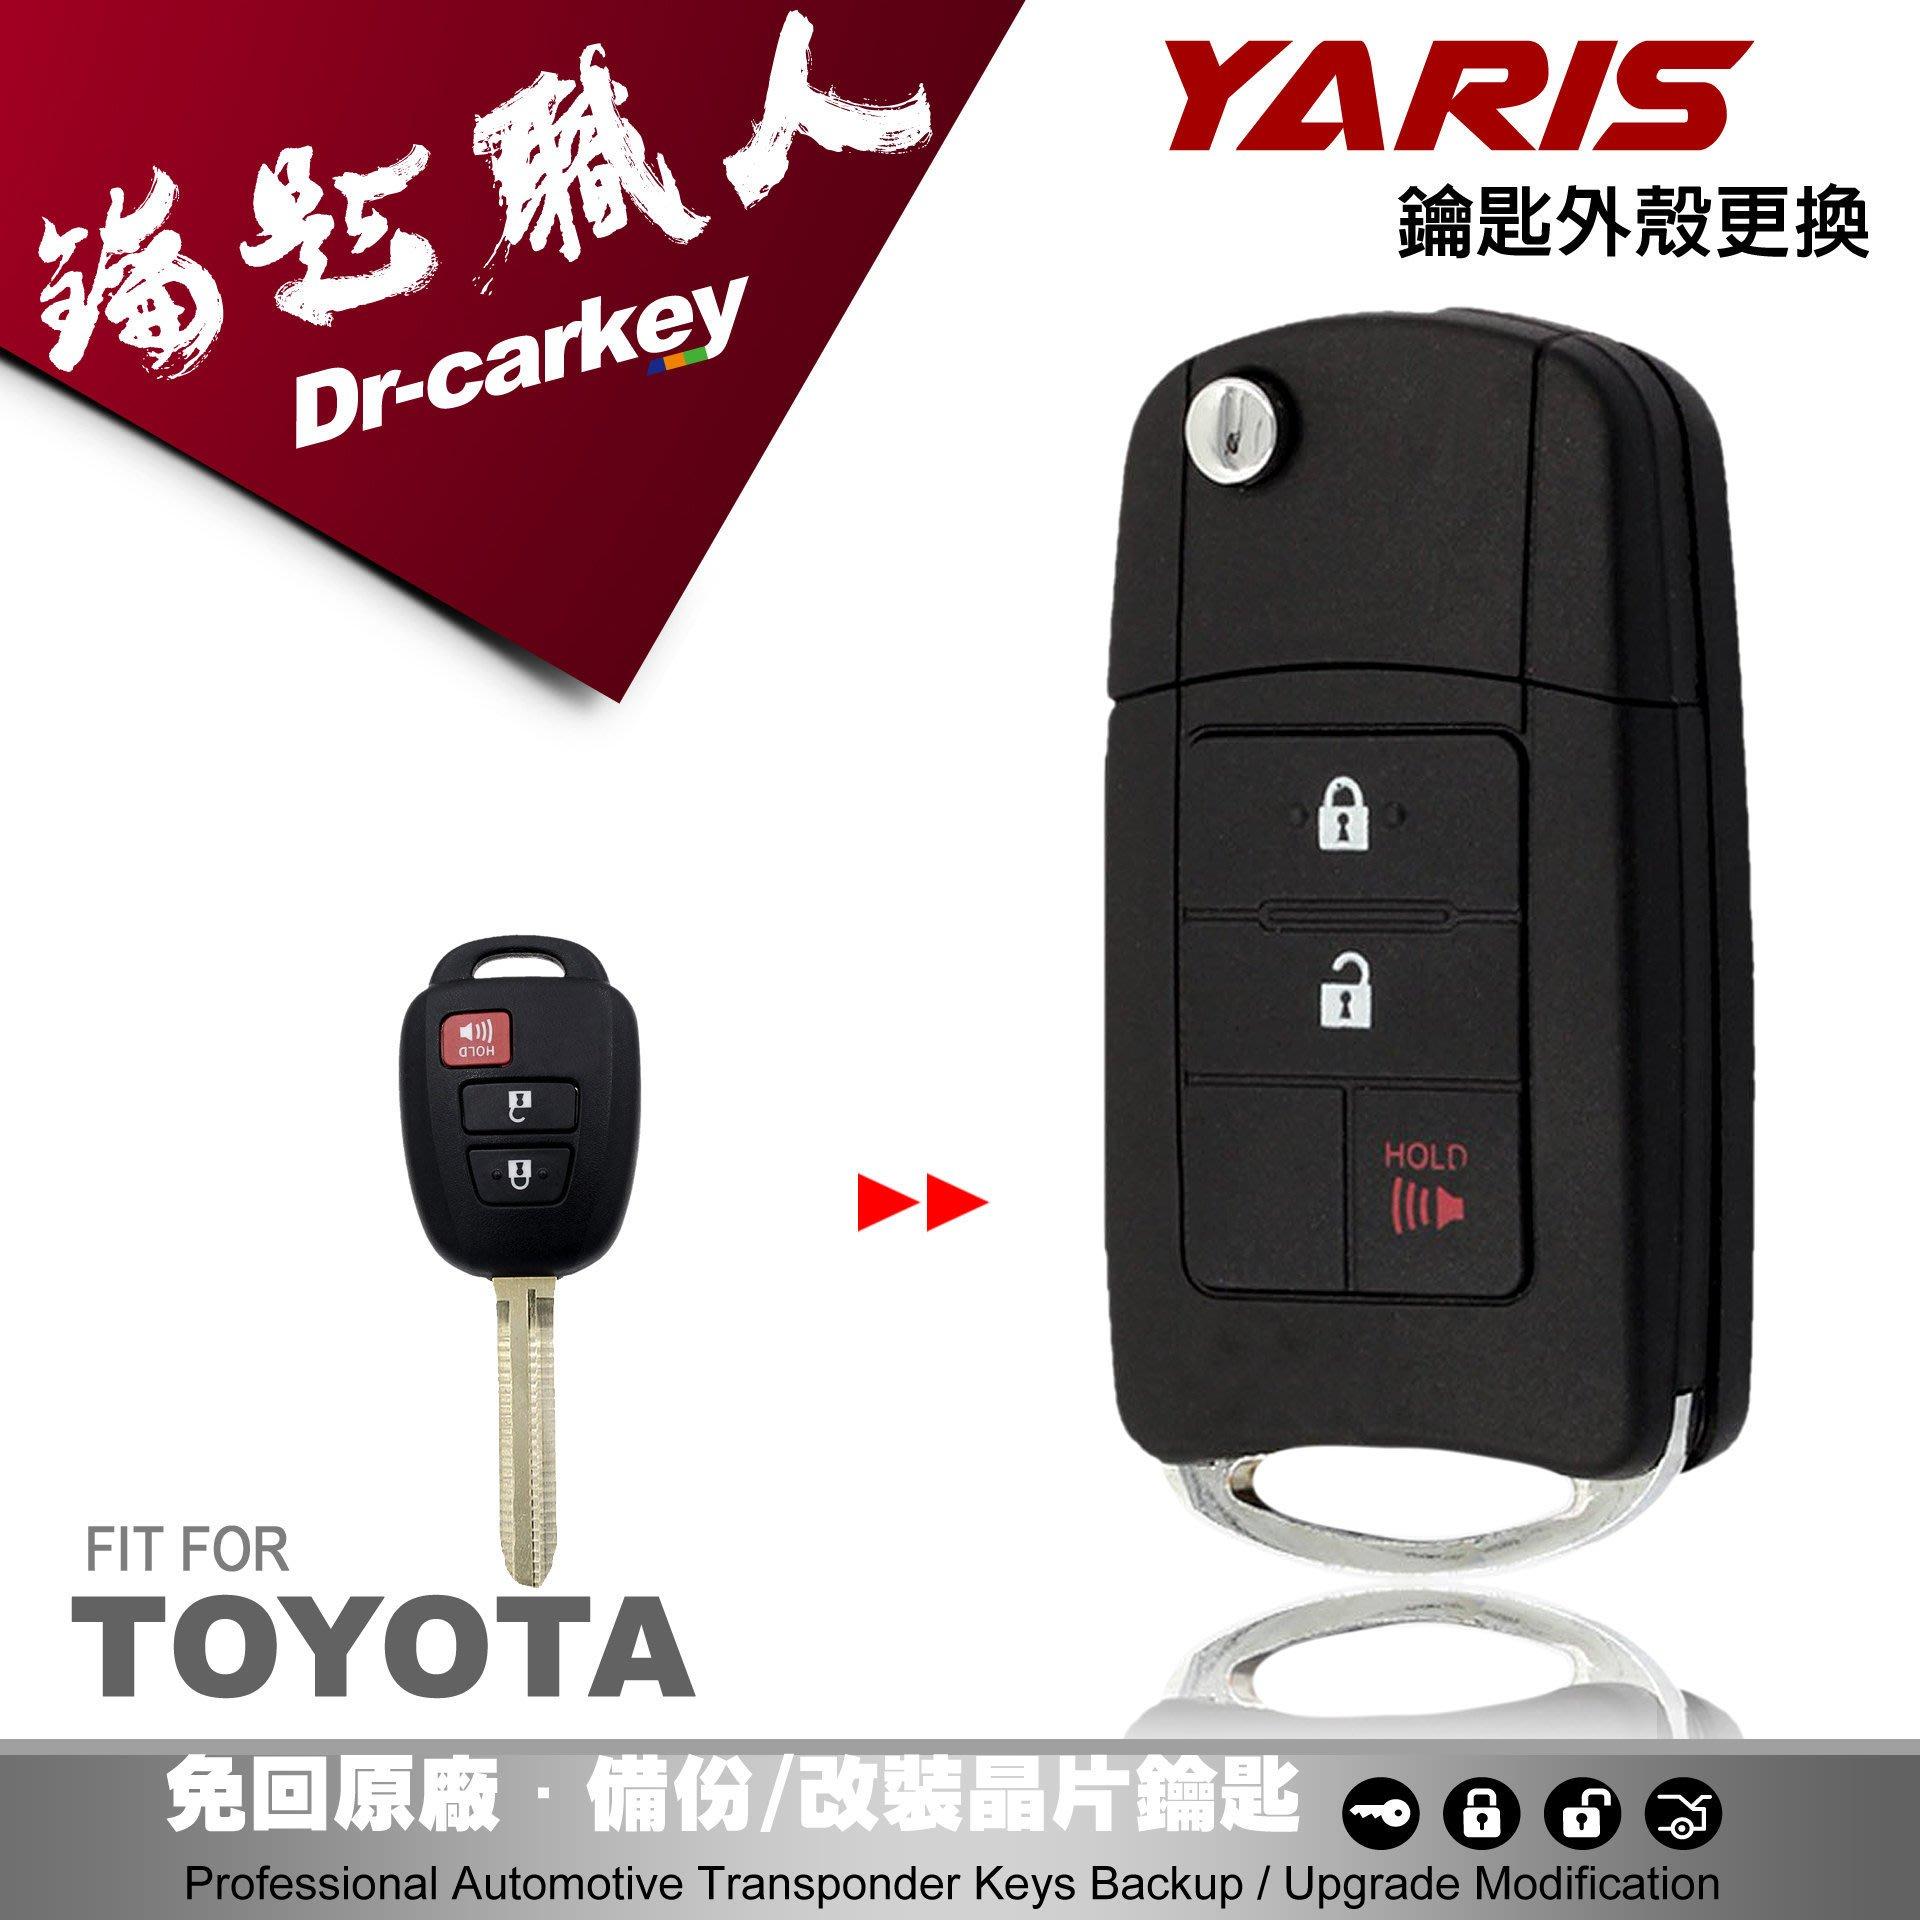 【汽車鑰匙職人】2014 TOYOTA NEW YARIS 專用改裝彈跳式 摺疊鑰匙